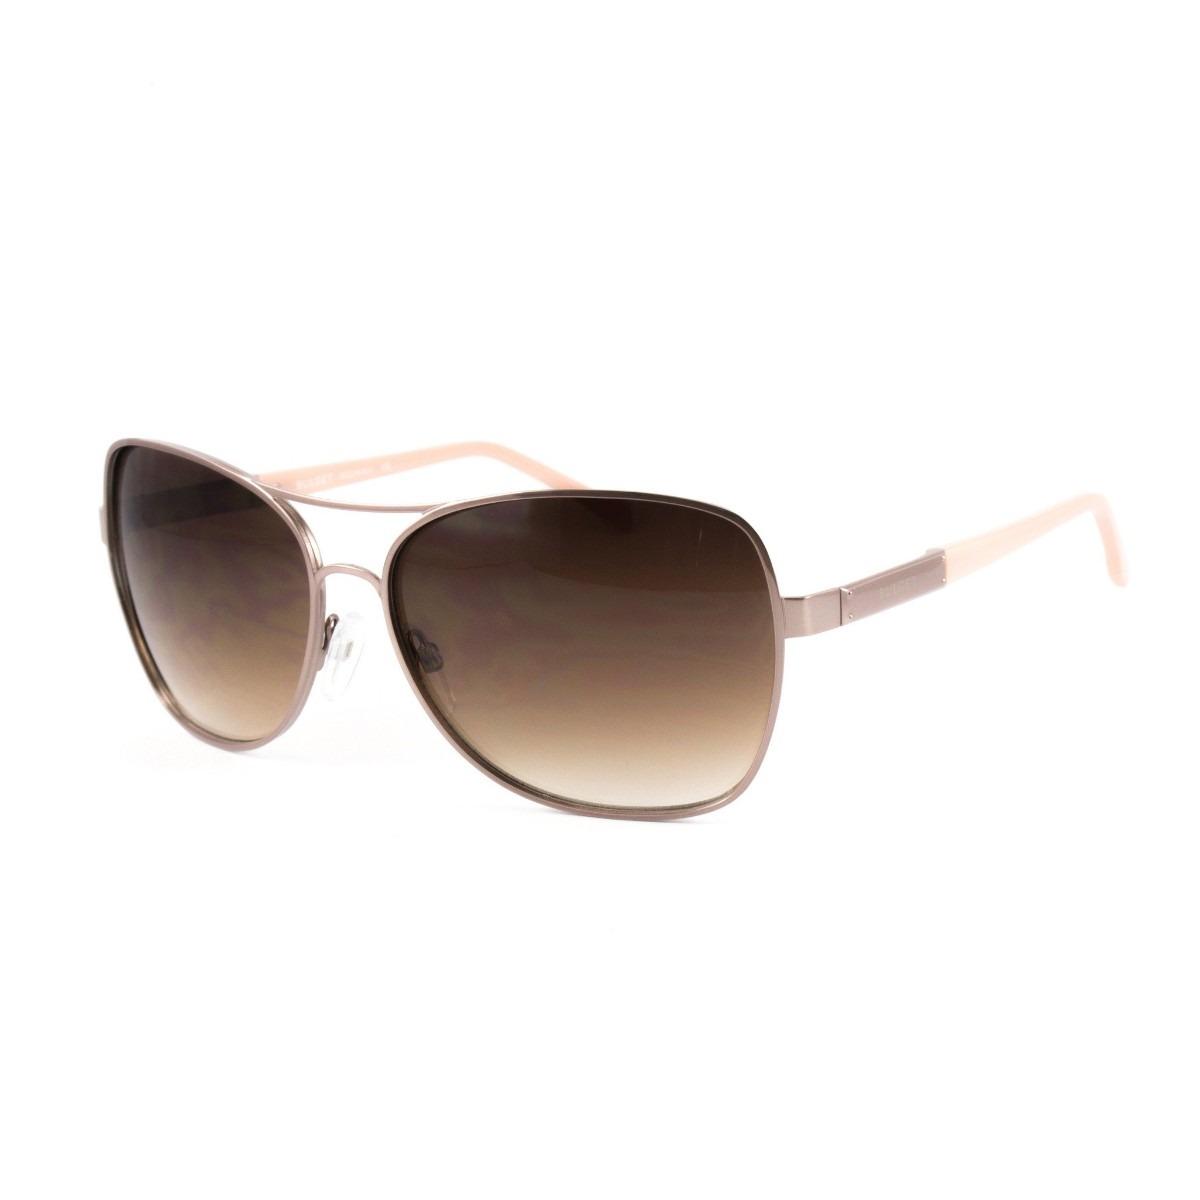 b95d9a54fb796 óculos de sol bulget - bg 3158 01a. Carregando zoom.